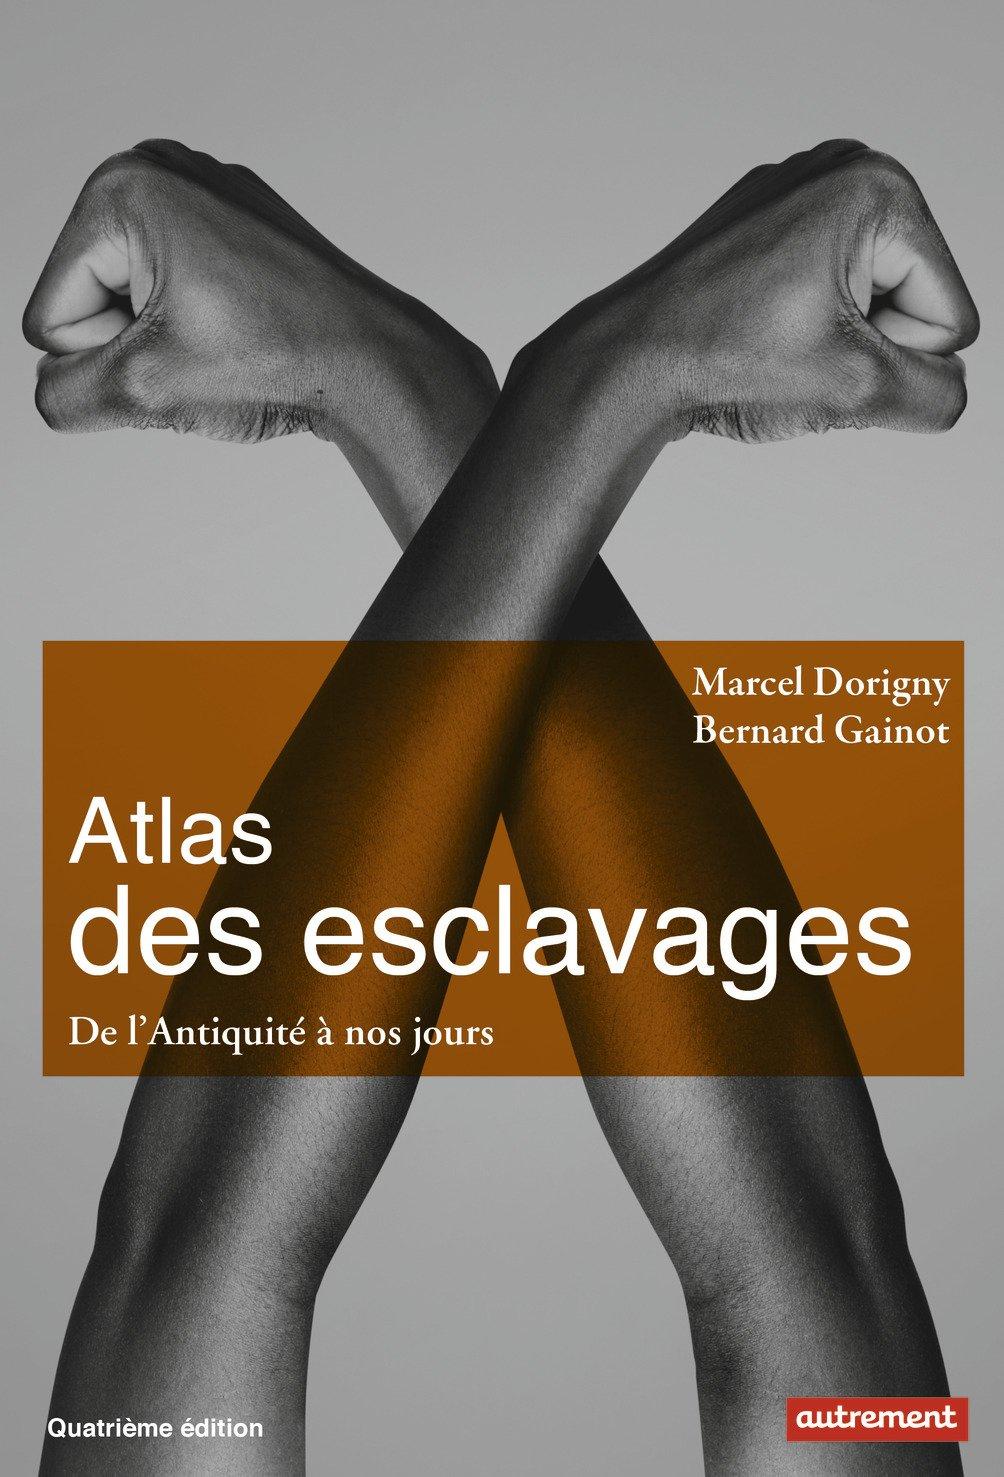 Atlas des esclavages : De l'Antiquité à nos jours Broché – 5 avril 2017 Fabrice Le Goff Marcel Dorigny Bernard Gainot Editions Autrement